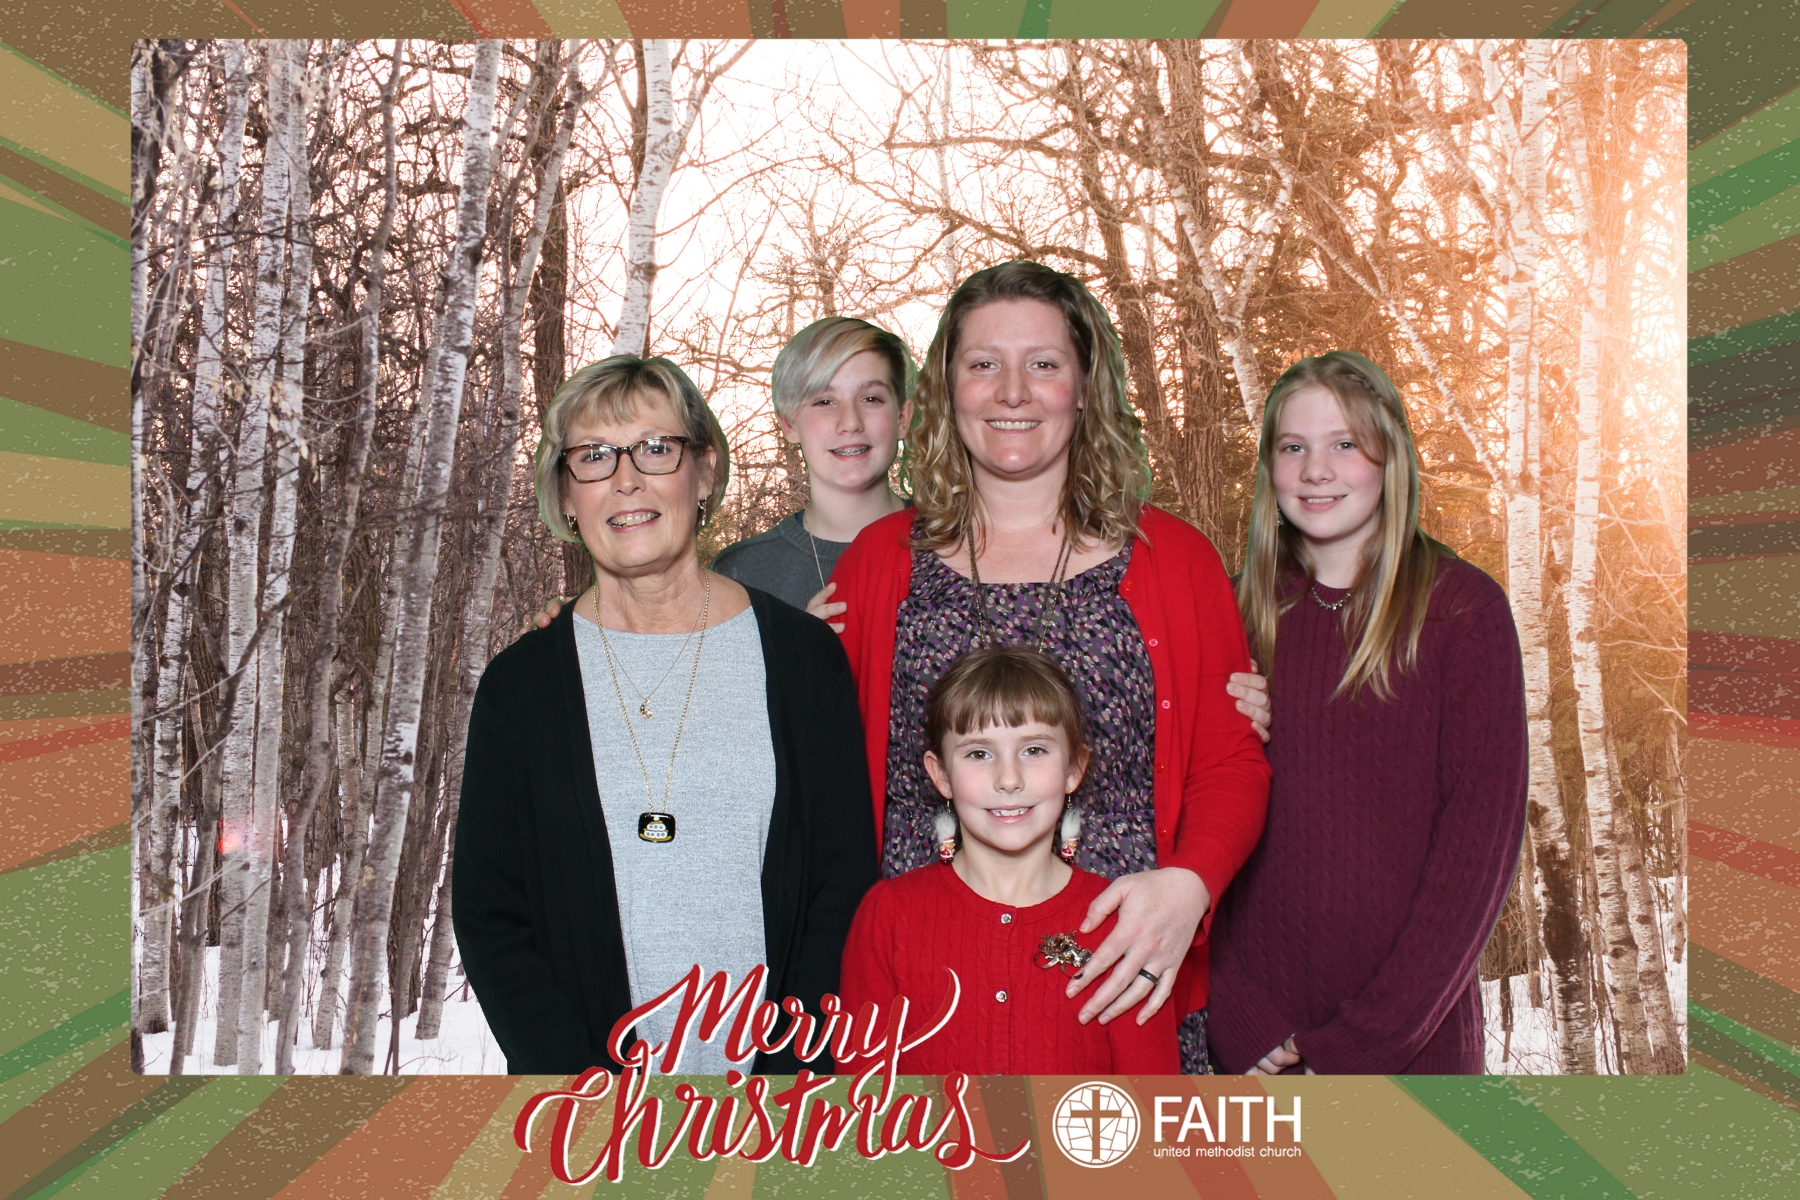 Faith2018_2018-12-24_18-53-25.jpg